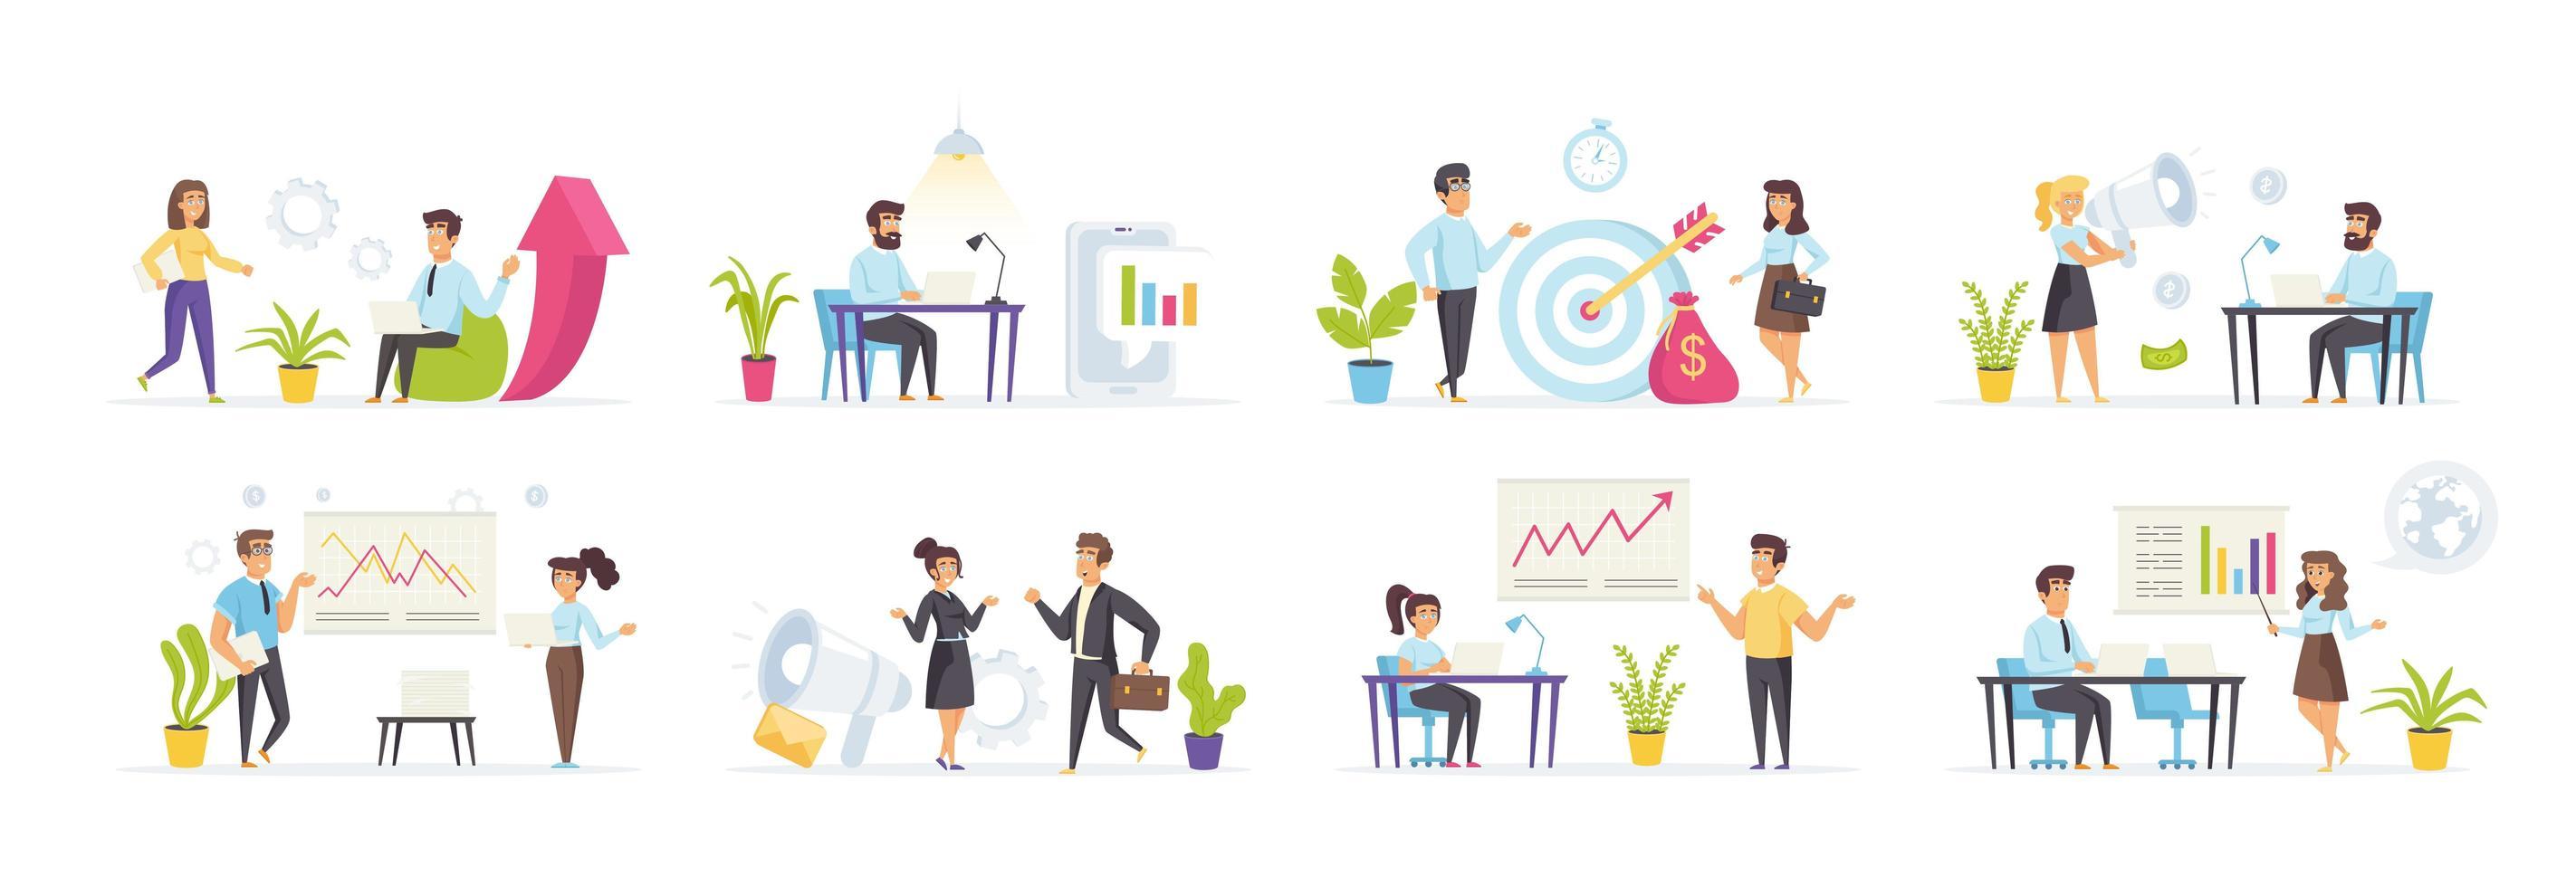 marketing numérique avec des personnes dans diverses scènes vecteur